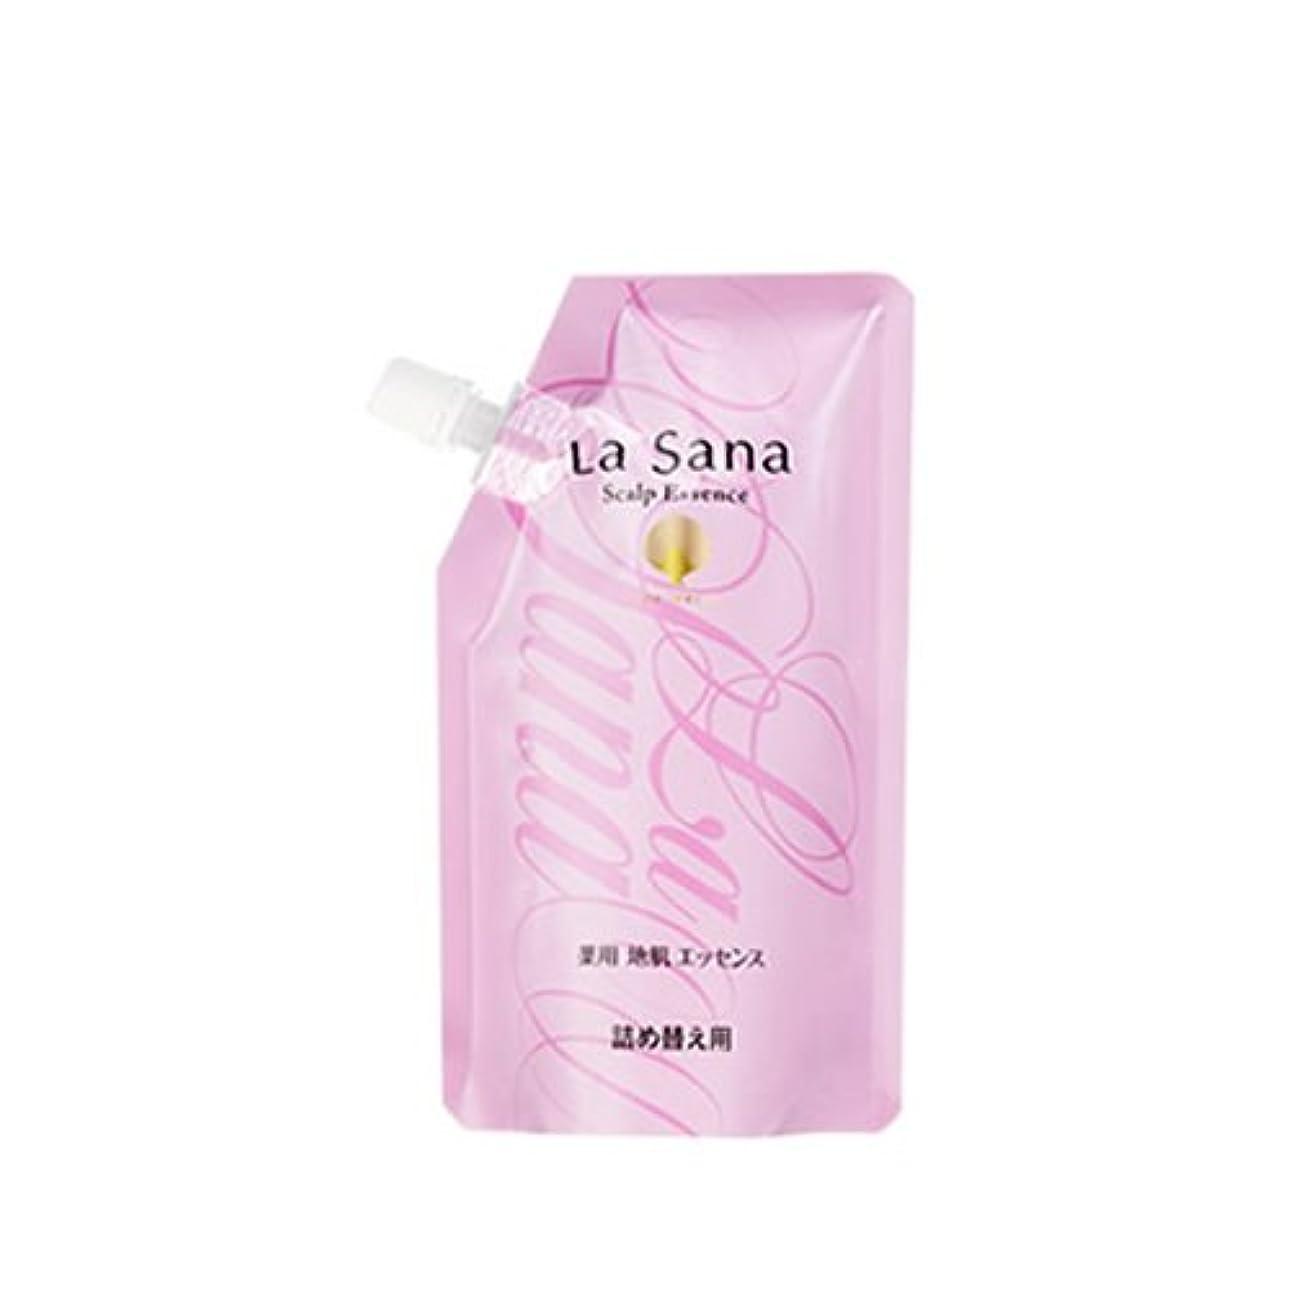 ソースシーボード多様なラサーナ 薬用 地肌 エッセンス 詰め替え用 (育毛剤) 150ml